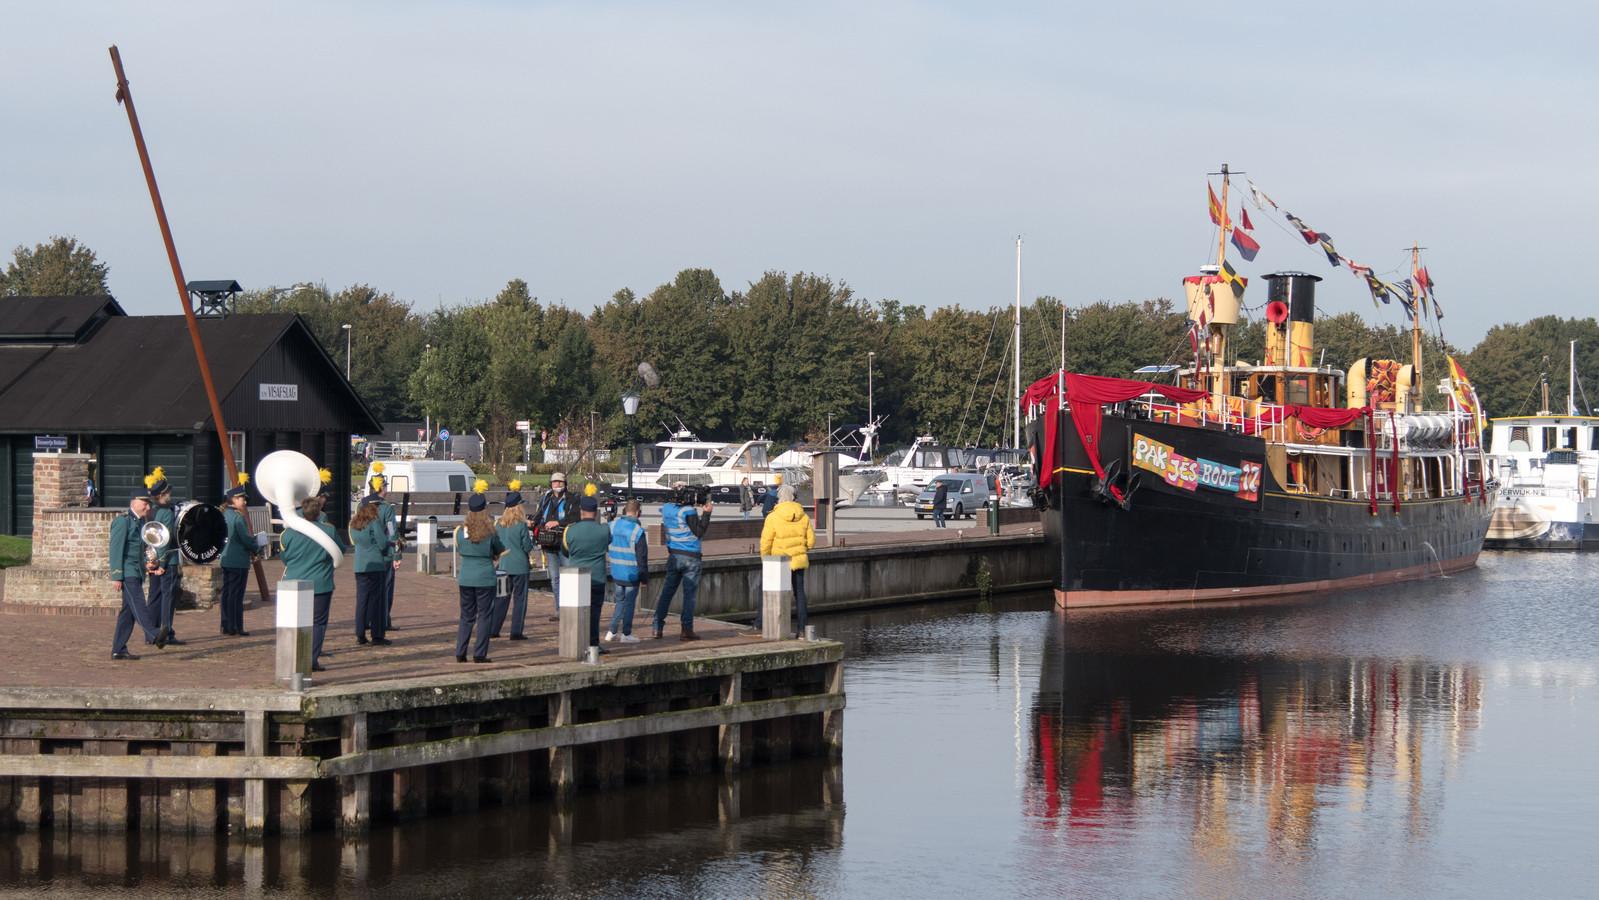 Pakjesboot 12 van Sinterklaas in de haven van Elburg.